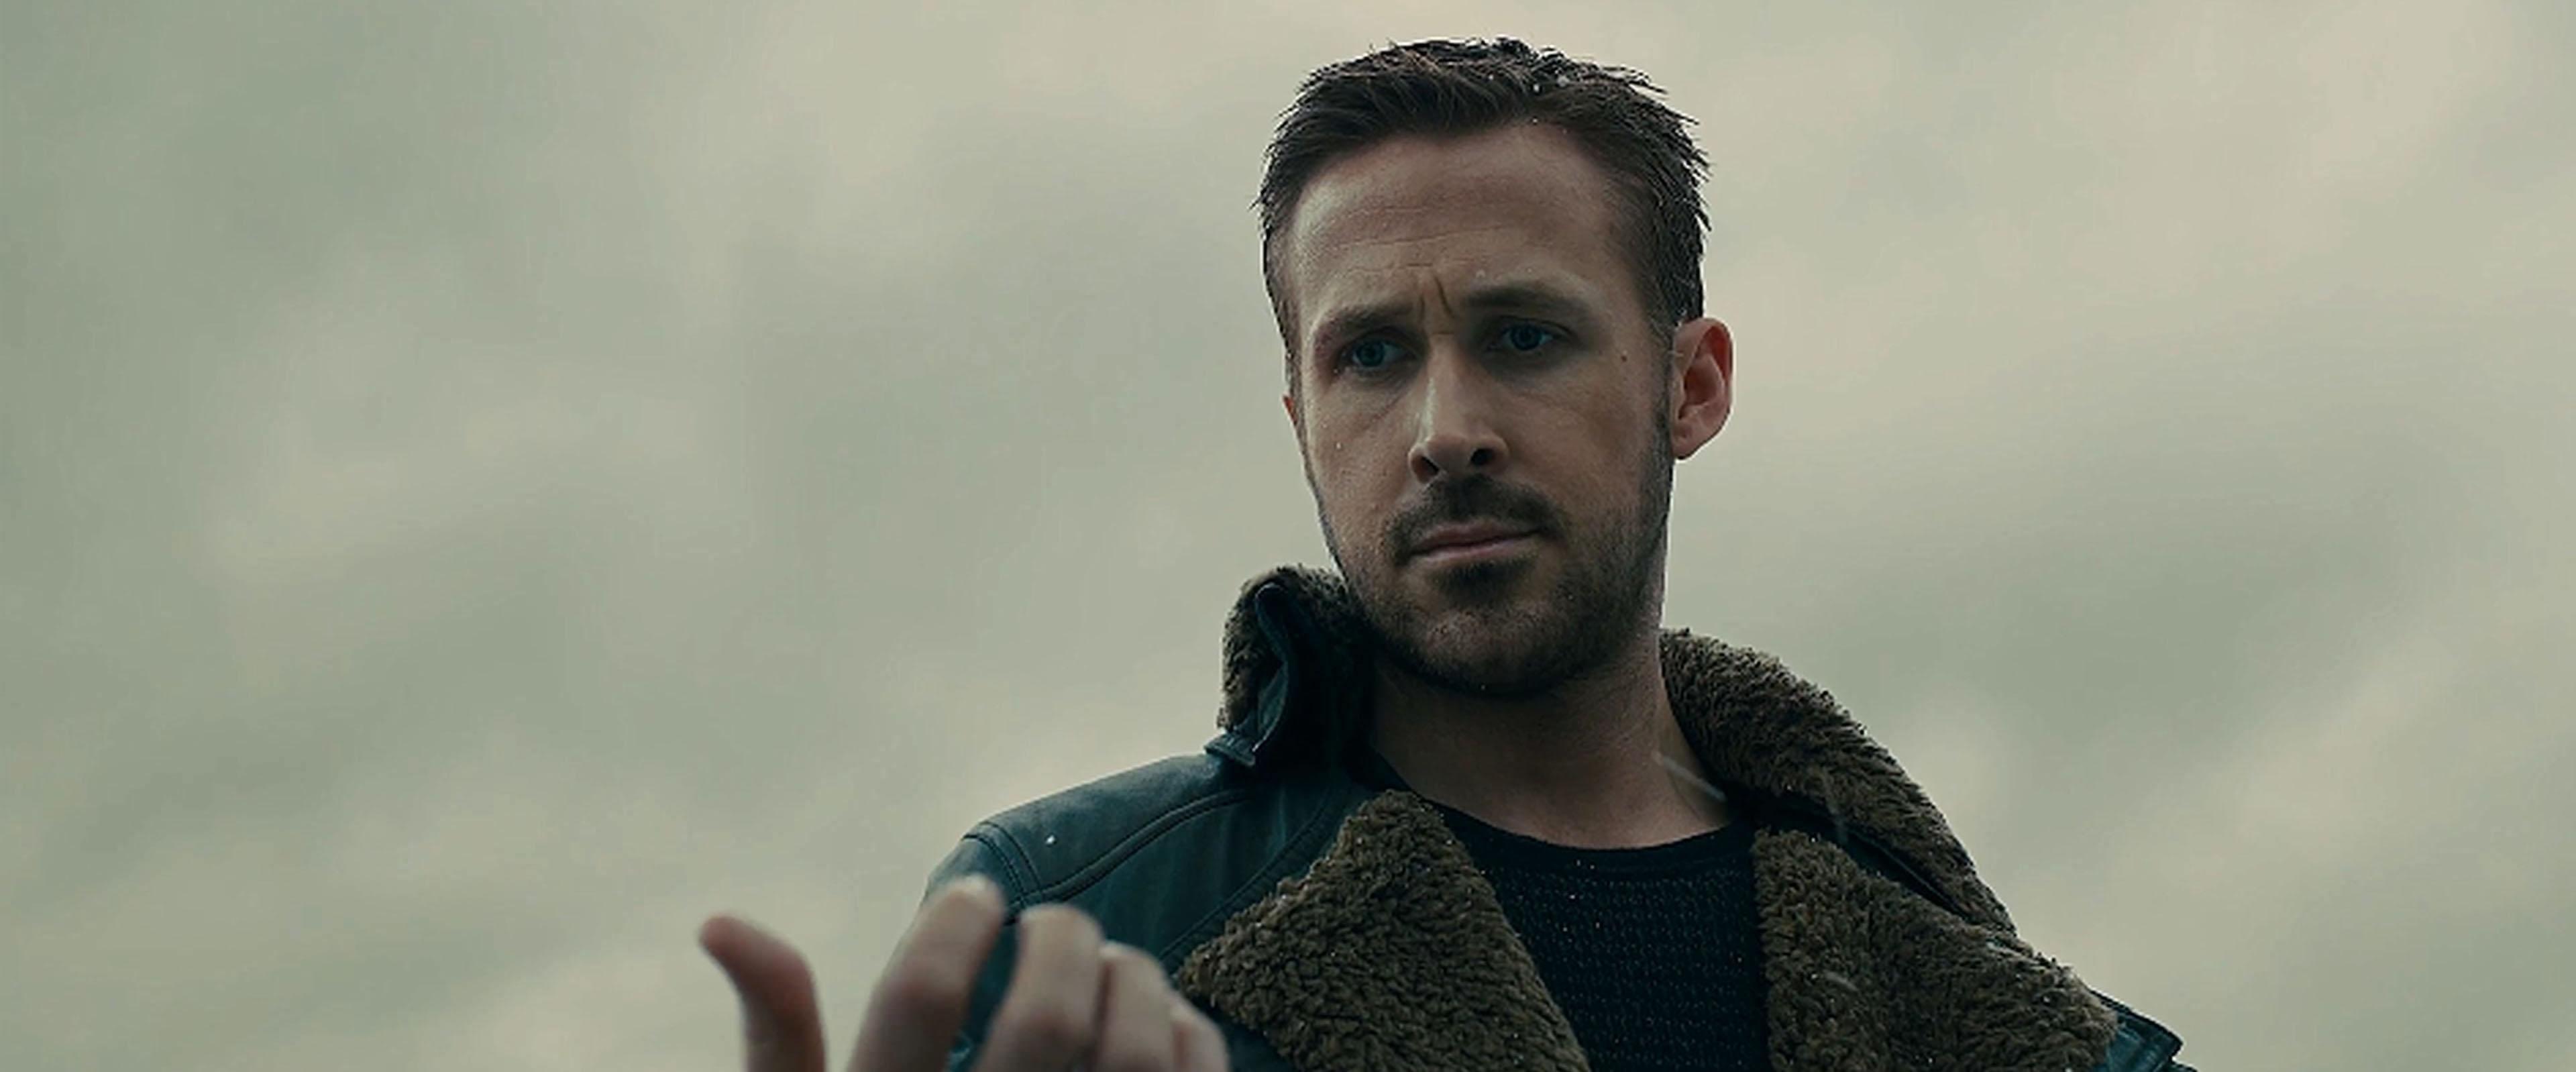 《銀翼殺手 2049》編劇聊最後 K 的命運、與致敬